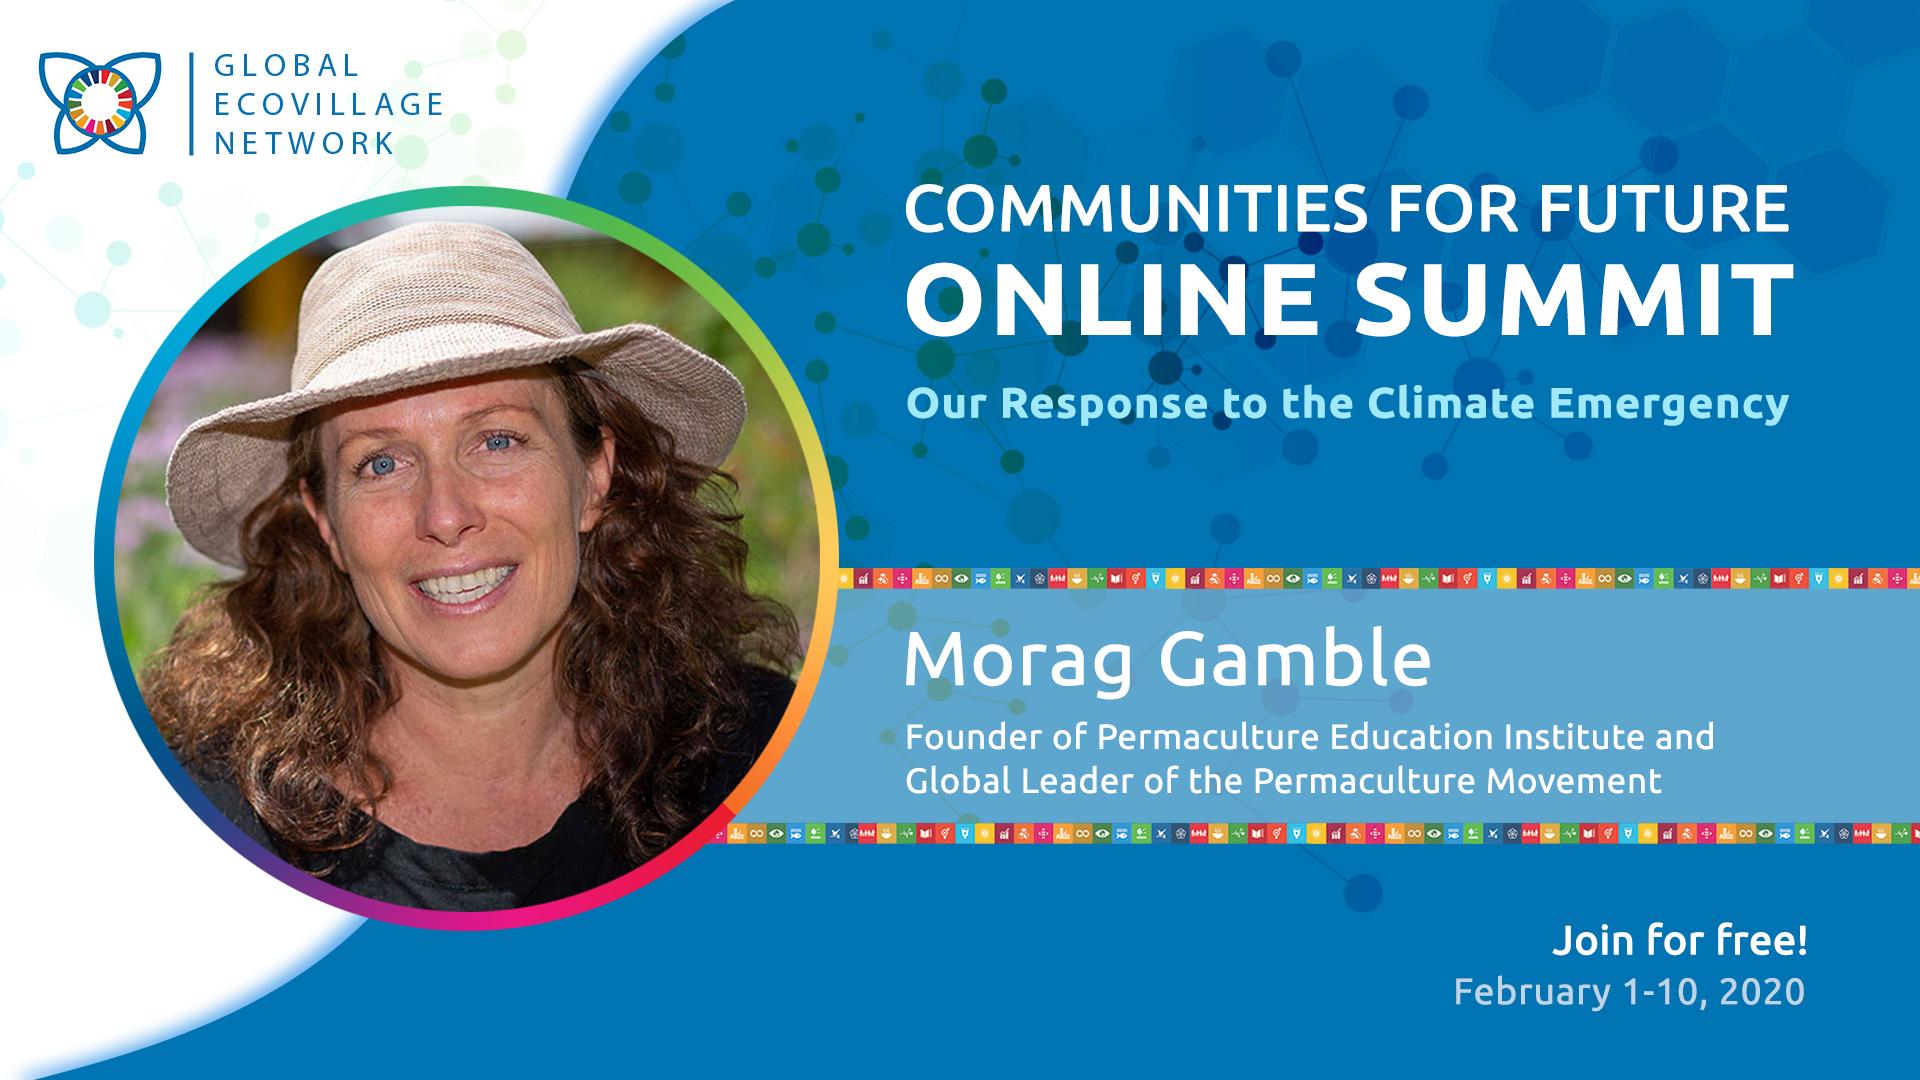 Morag Gamble